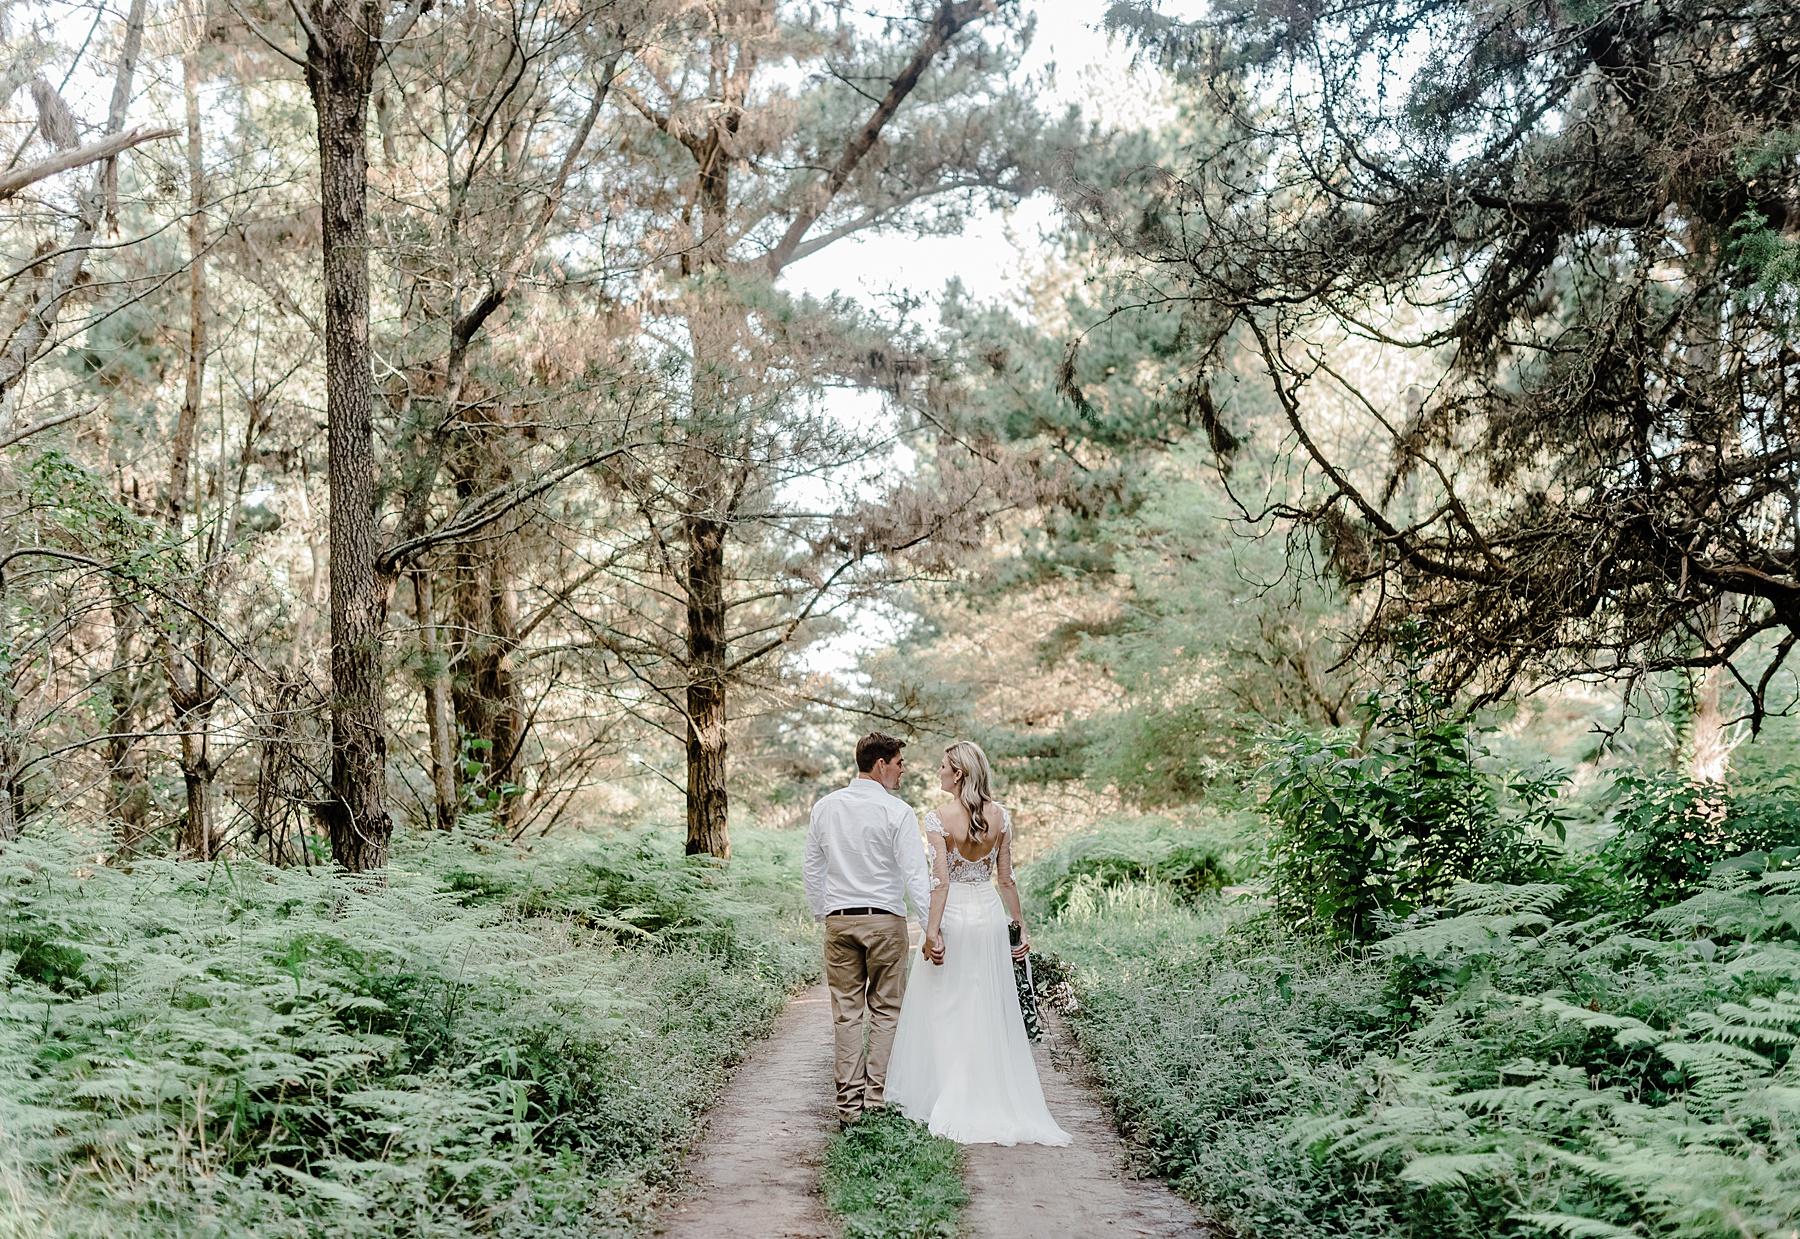 Wilna & Simon Allpass | Foreverly